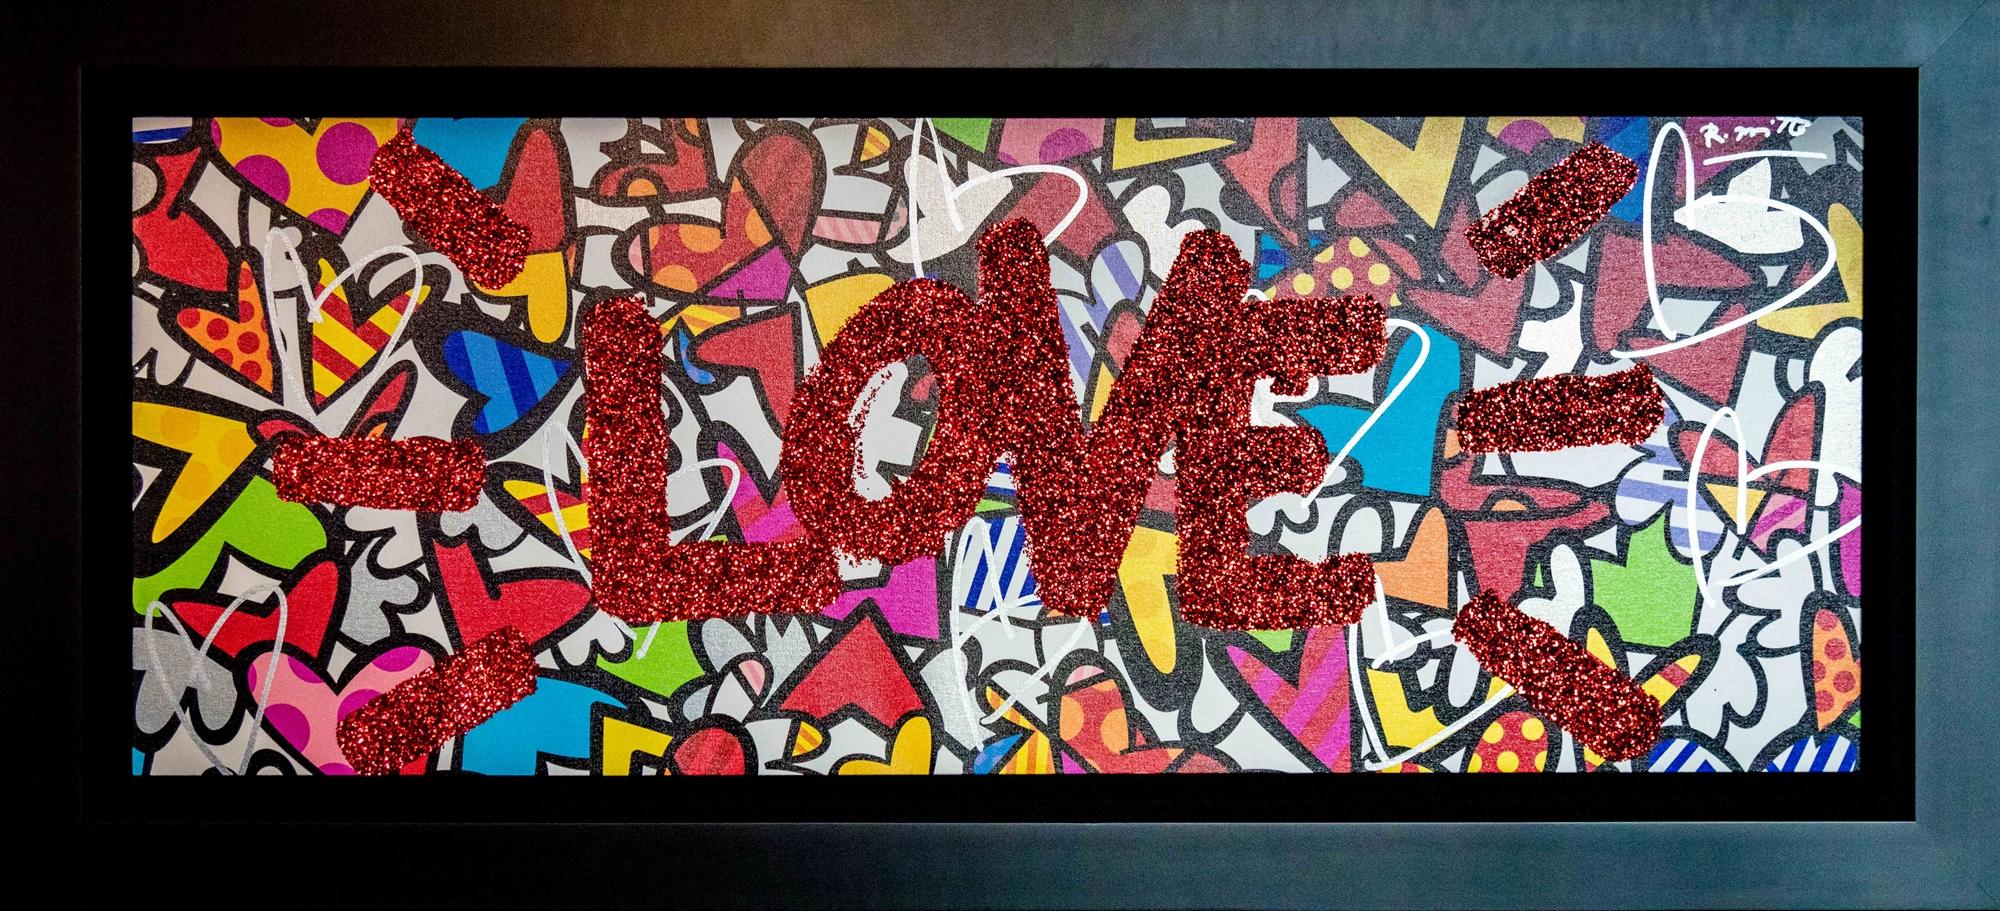 LOVE YOU! by Romero Britto